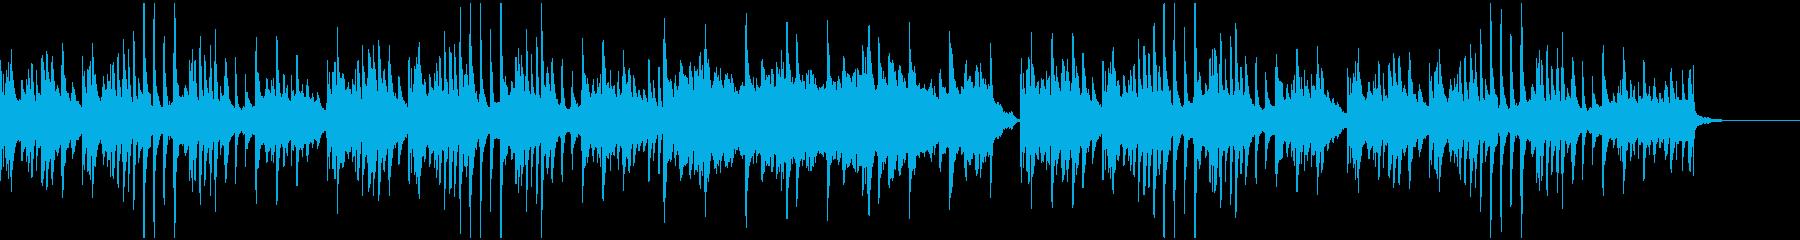 感動的な雰囲気のピアノ曲の再生済みの波形